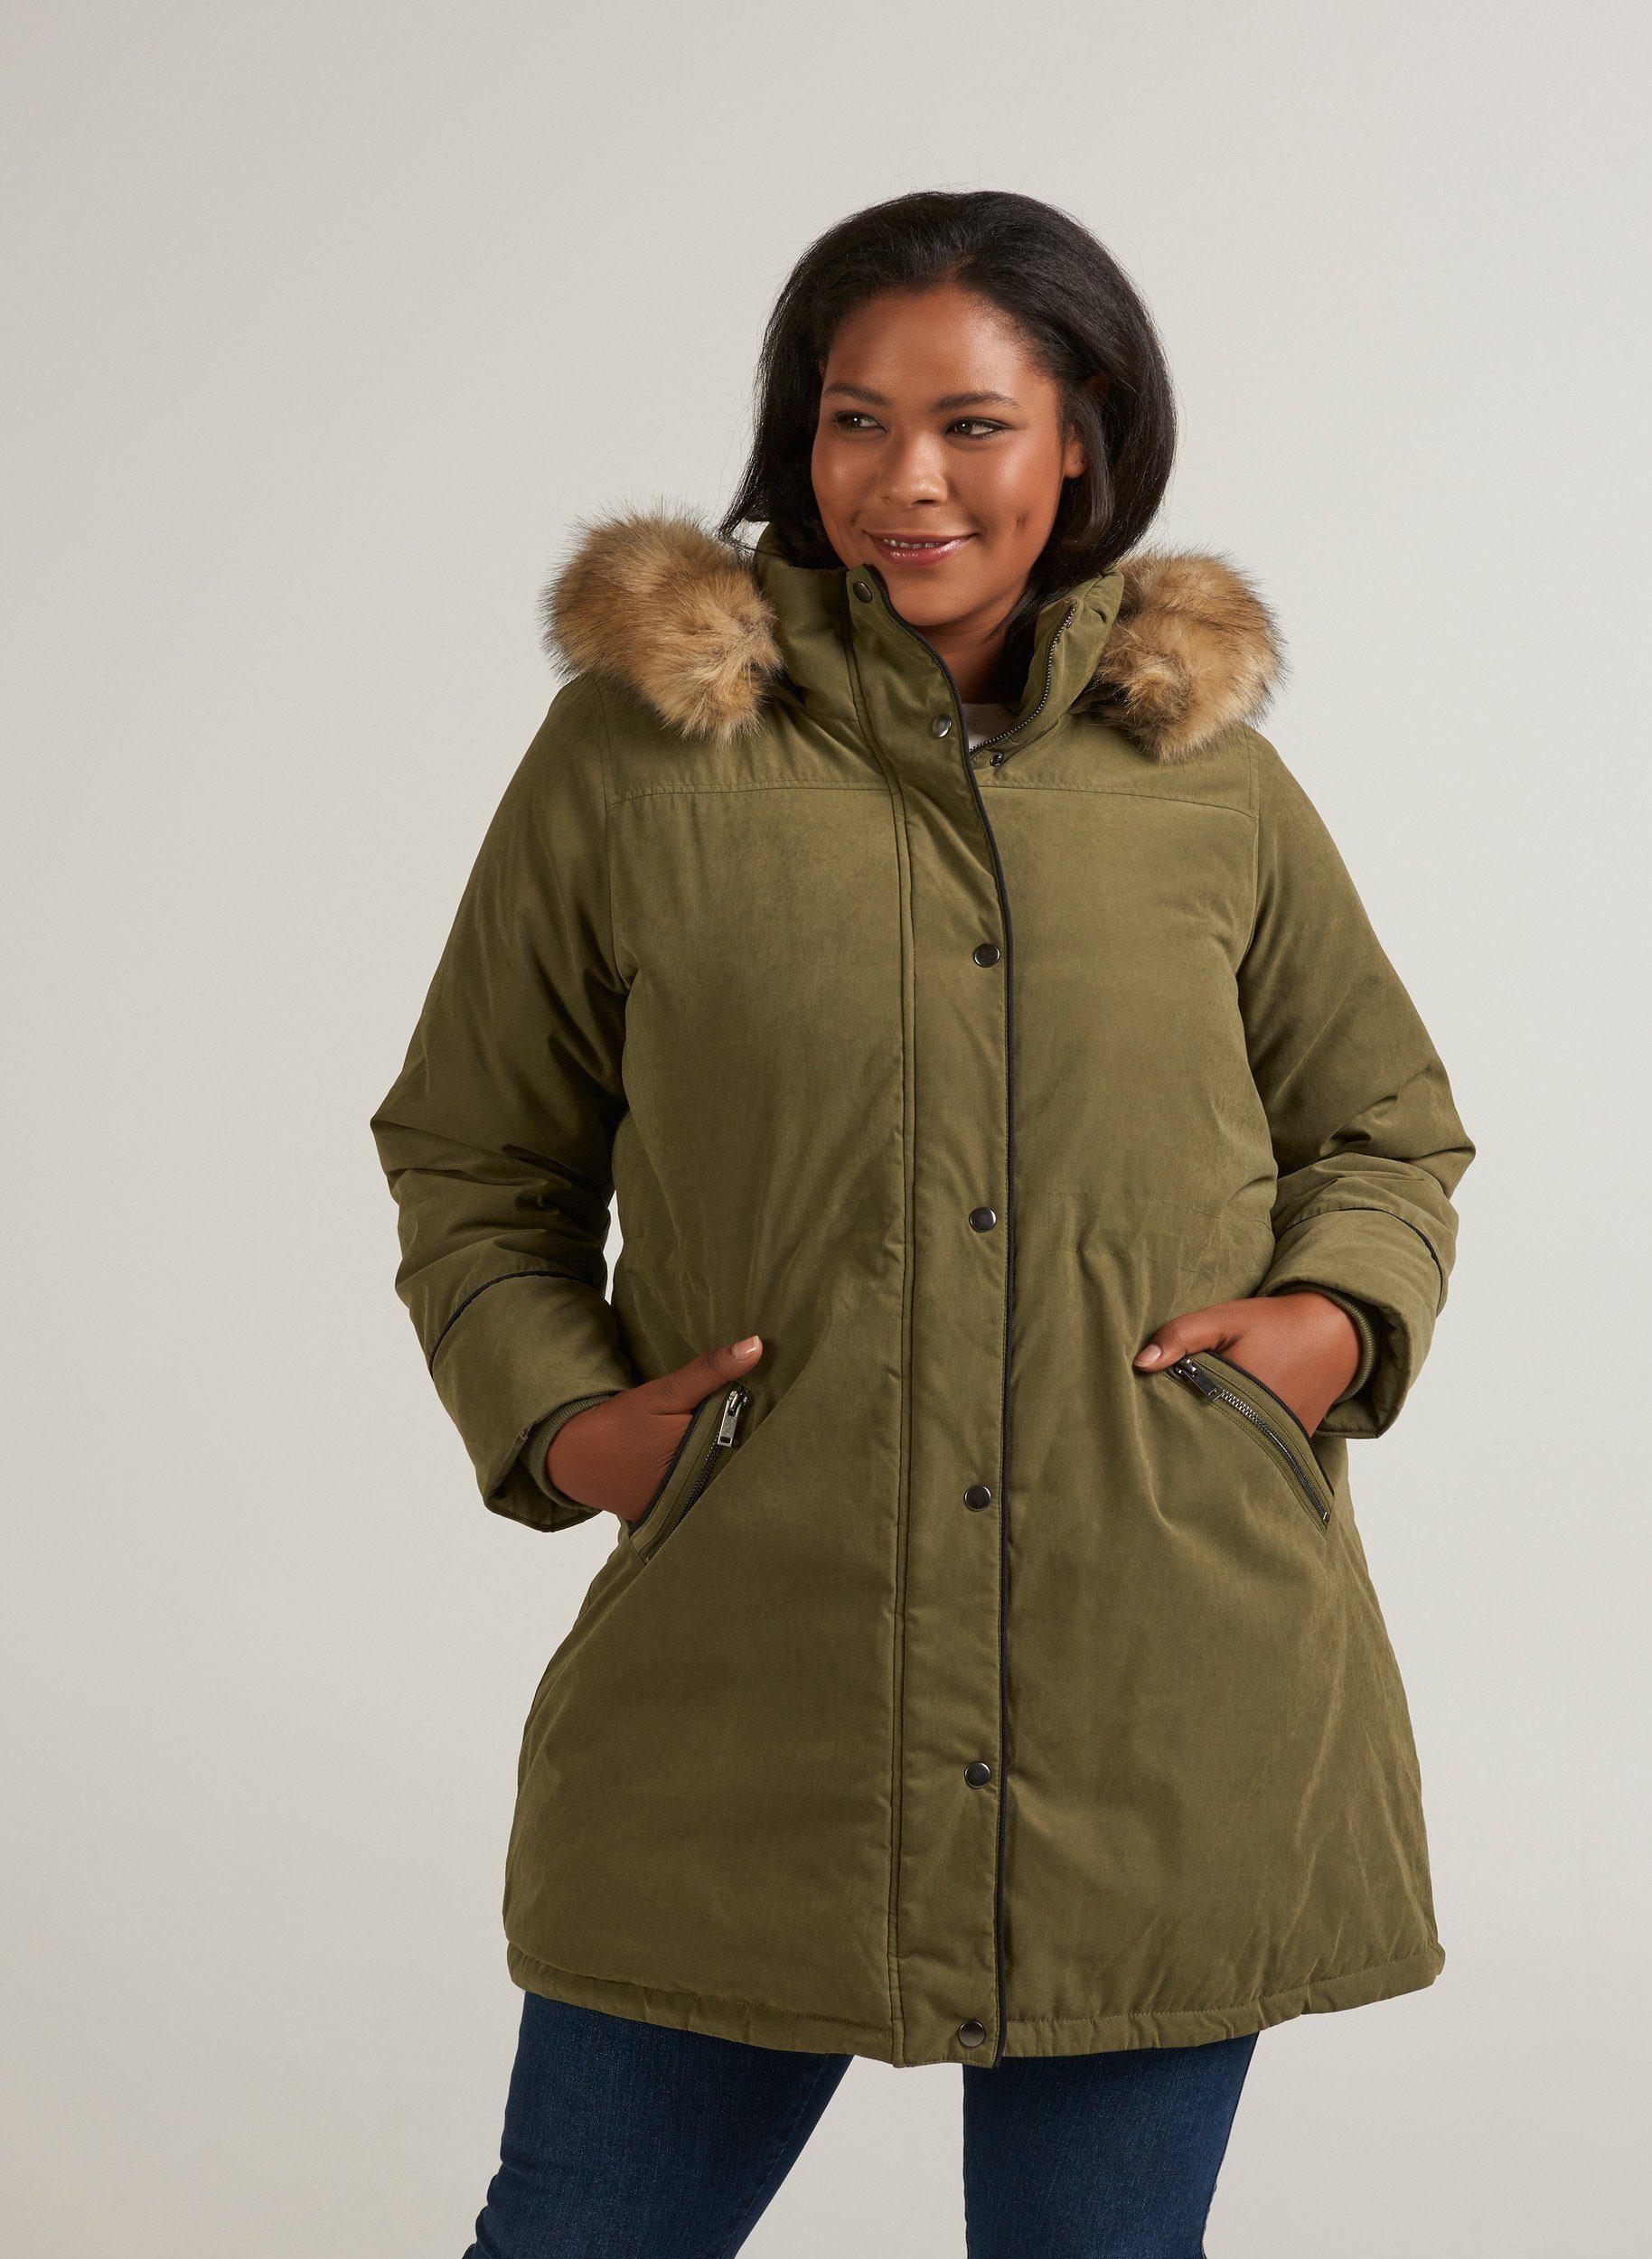 Zizzi Parka Damen Große Größen Winterjacke Kunstfellkragen Warm Kapuze Jacke online kaufen | OTTO